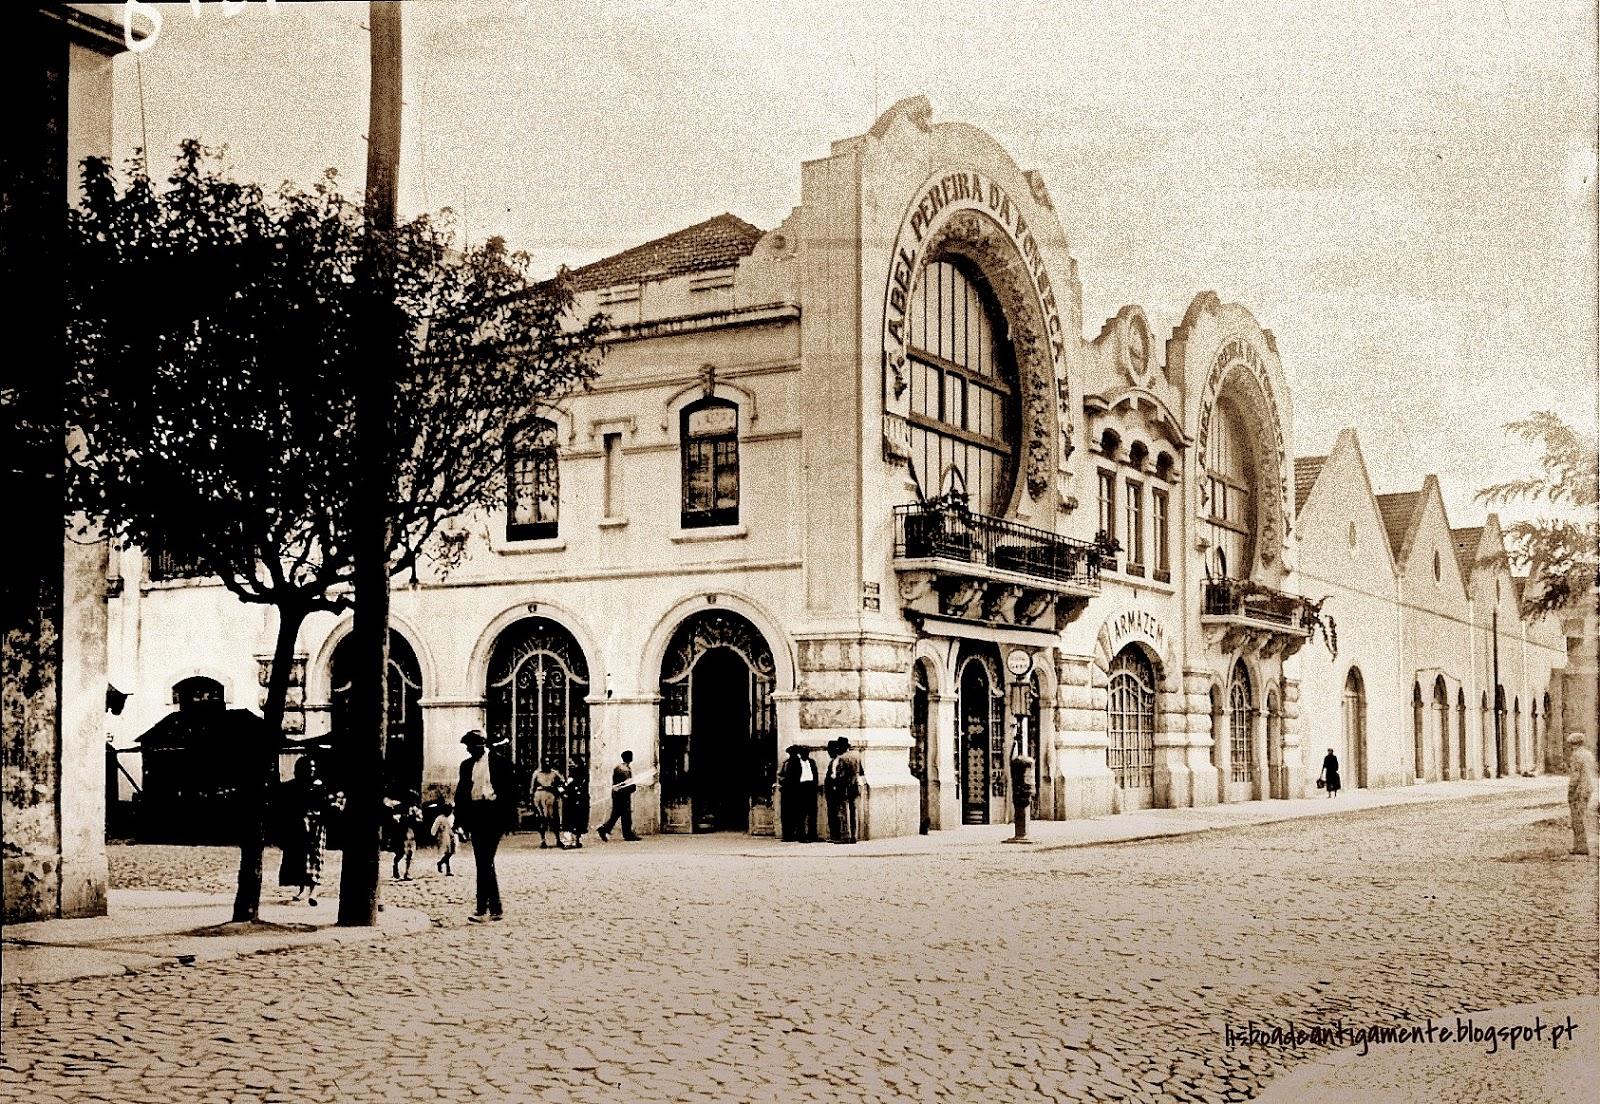 Edifício Abel Pereira da Fonseca  1932  Praça David Leandro da Silva, 1-7   Rua da Cintura do Porto de Lisboa, S N  Rua Amorim, 2-12  Poço do Bispo  4ac8f60f3b